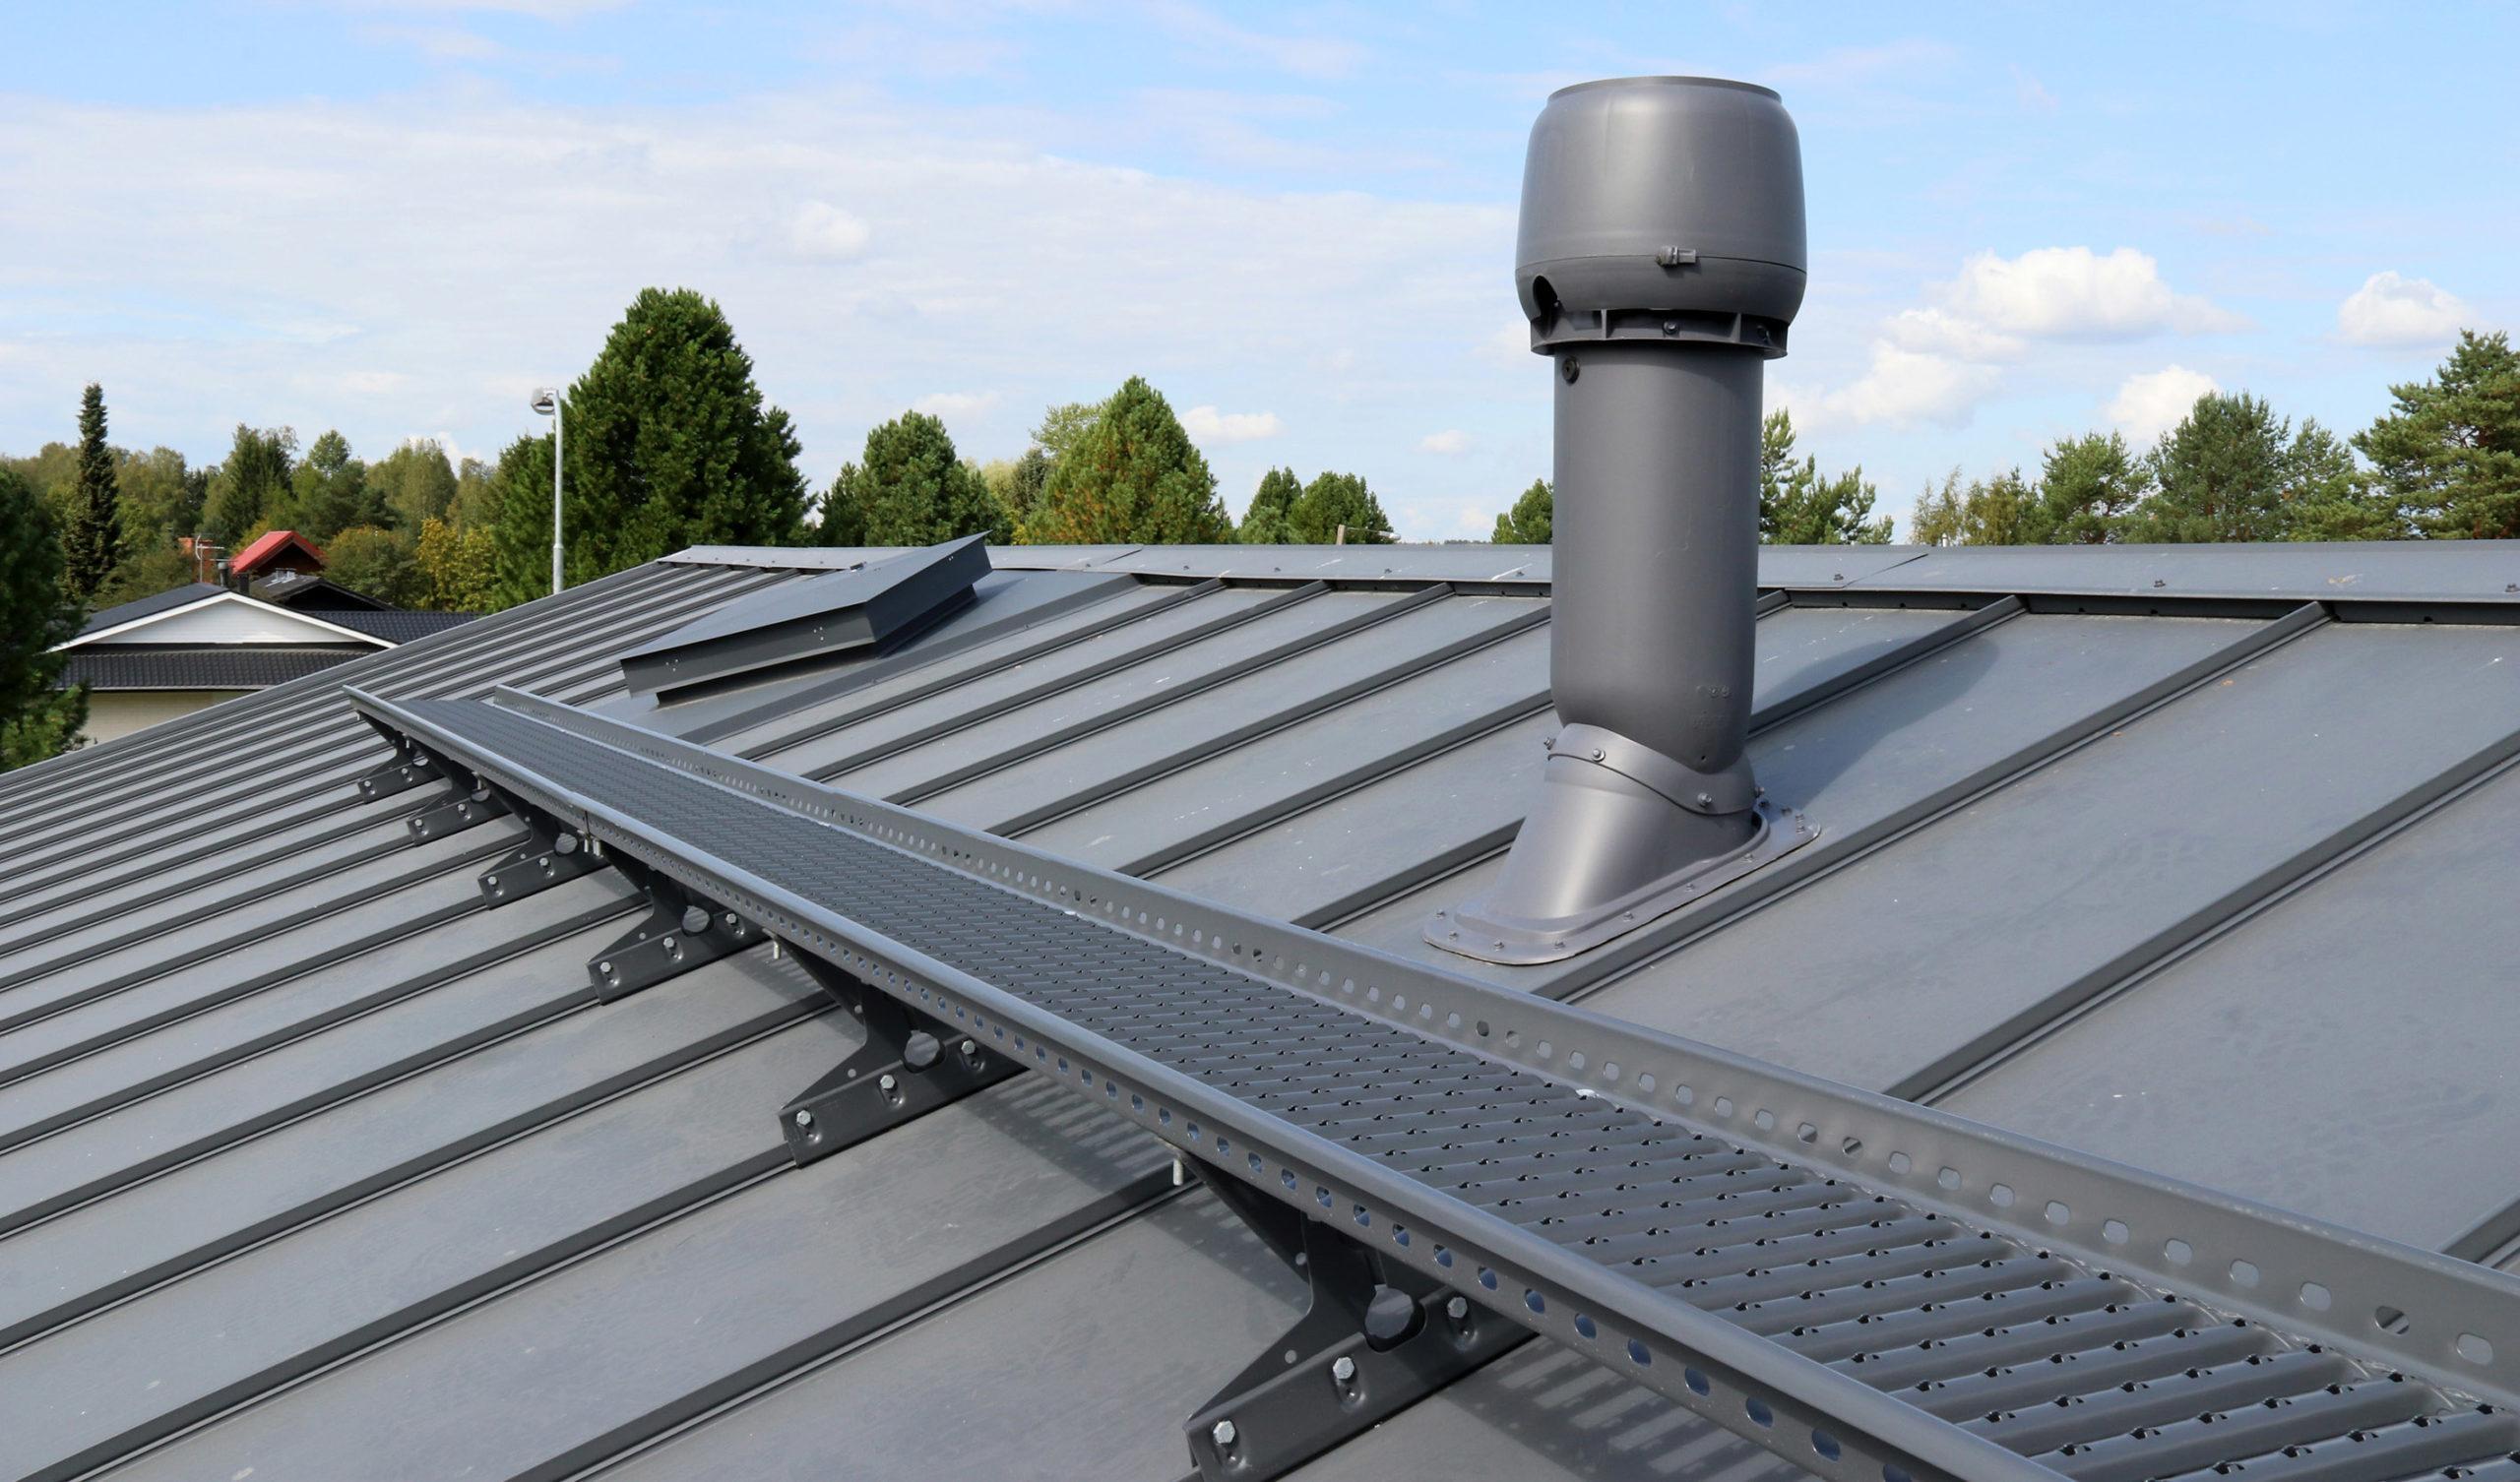 Pisko kattosilta on markkinoiden tukevin ja helppo asentaa.